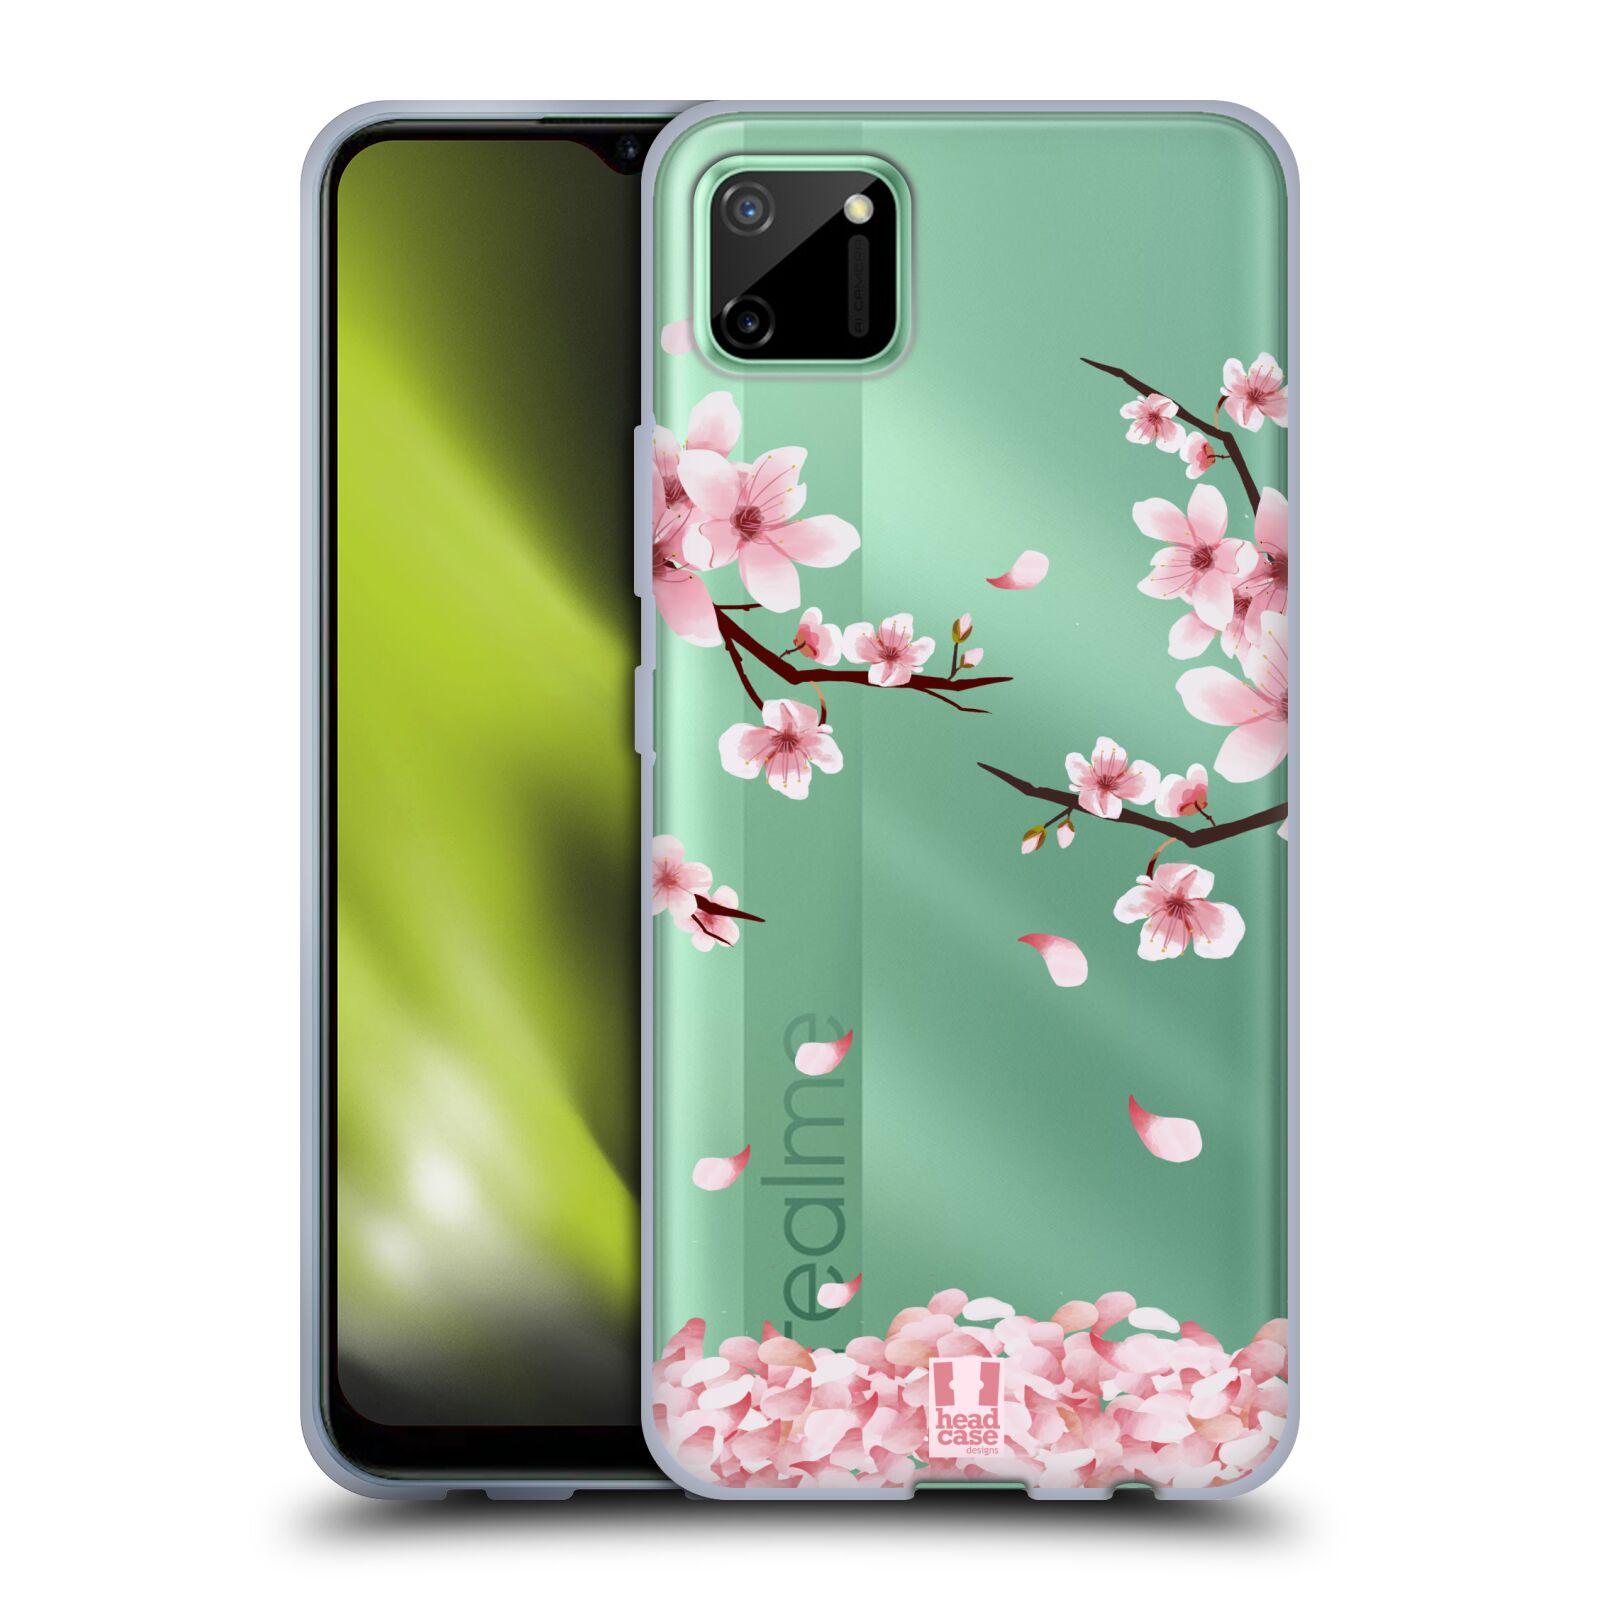 Silikonové pouzdro na mobil Realme C11 - Head Case - Květy a větvičky